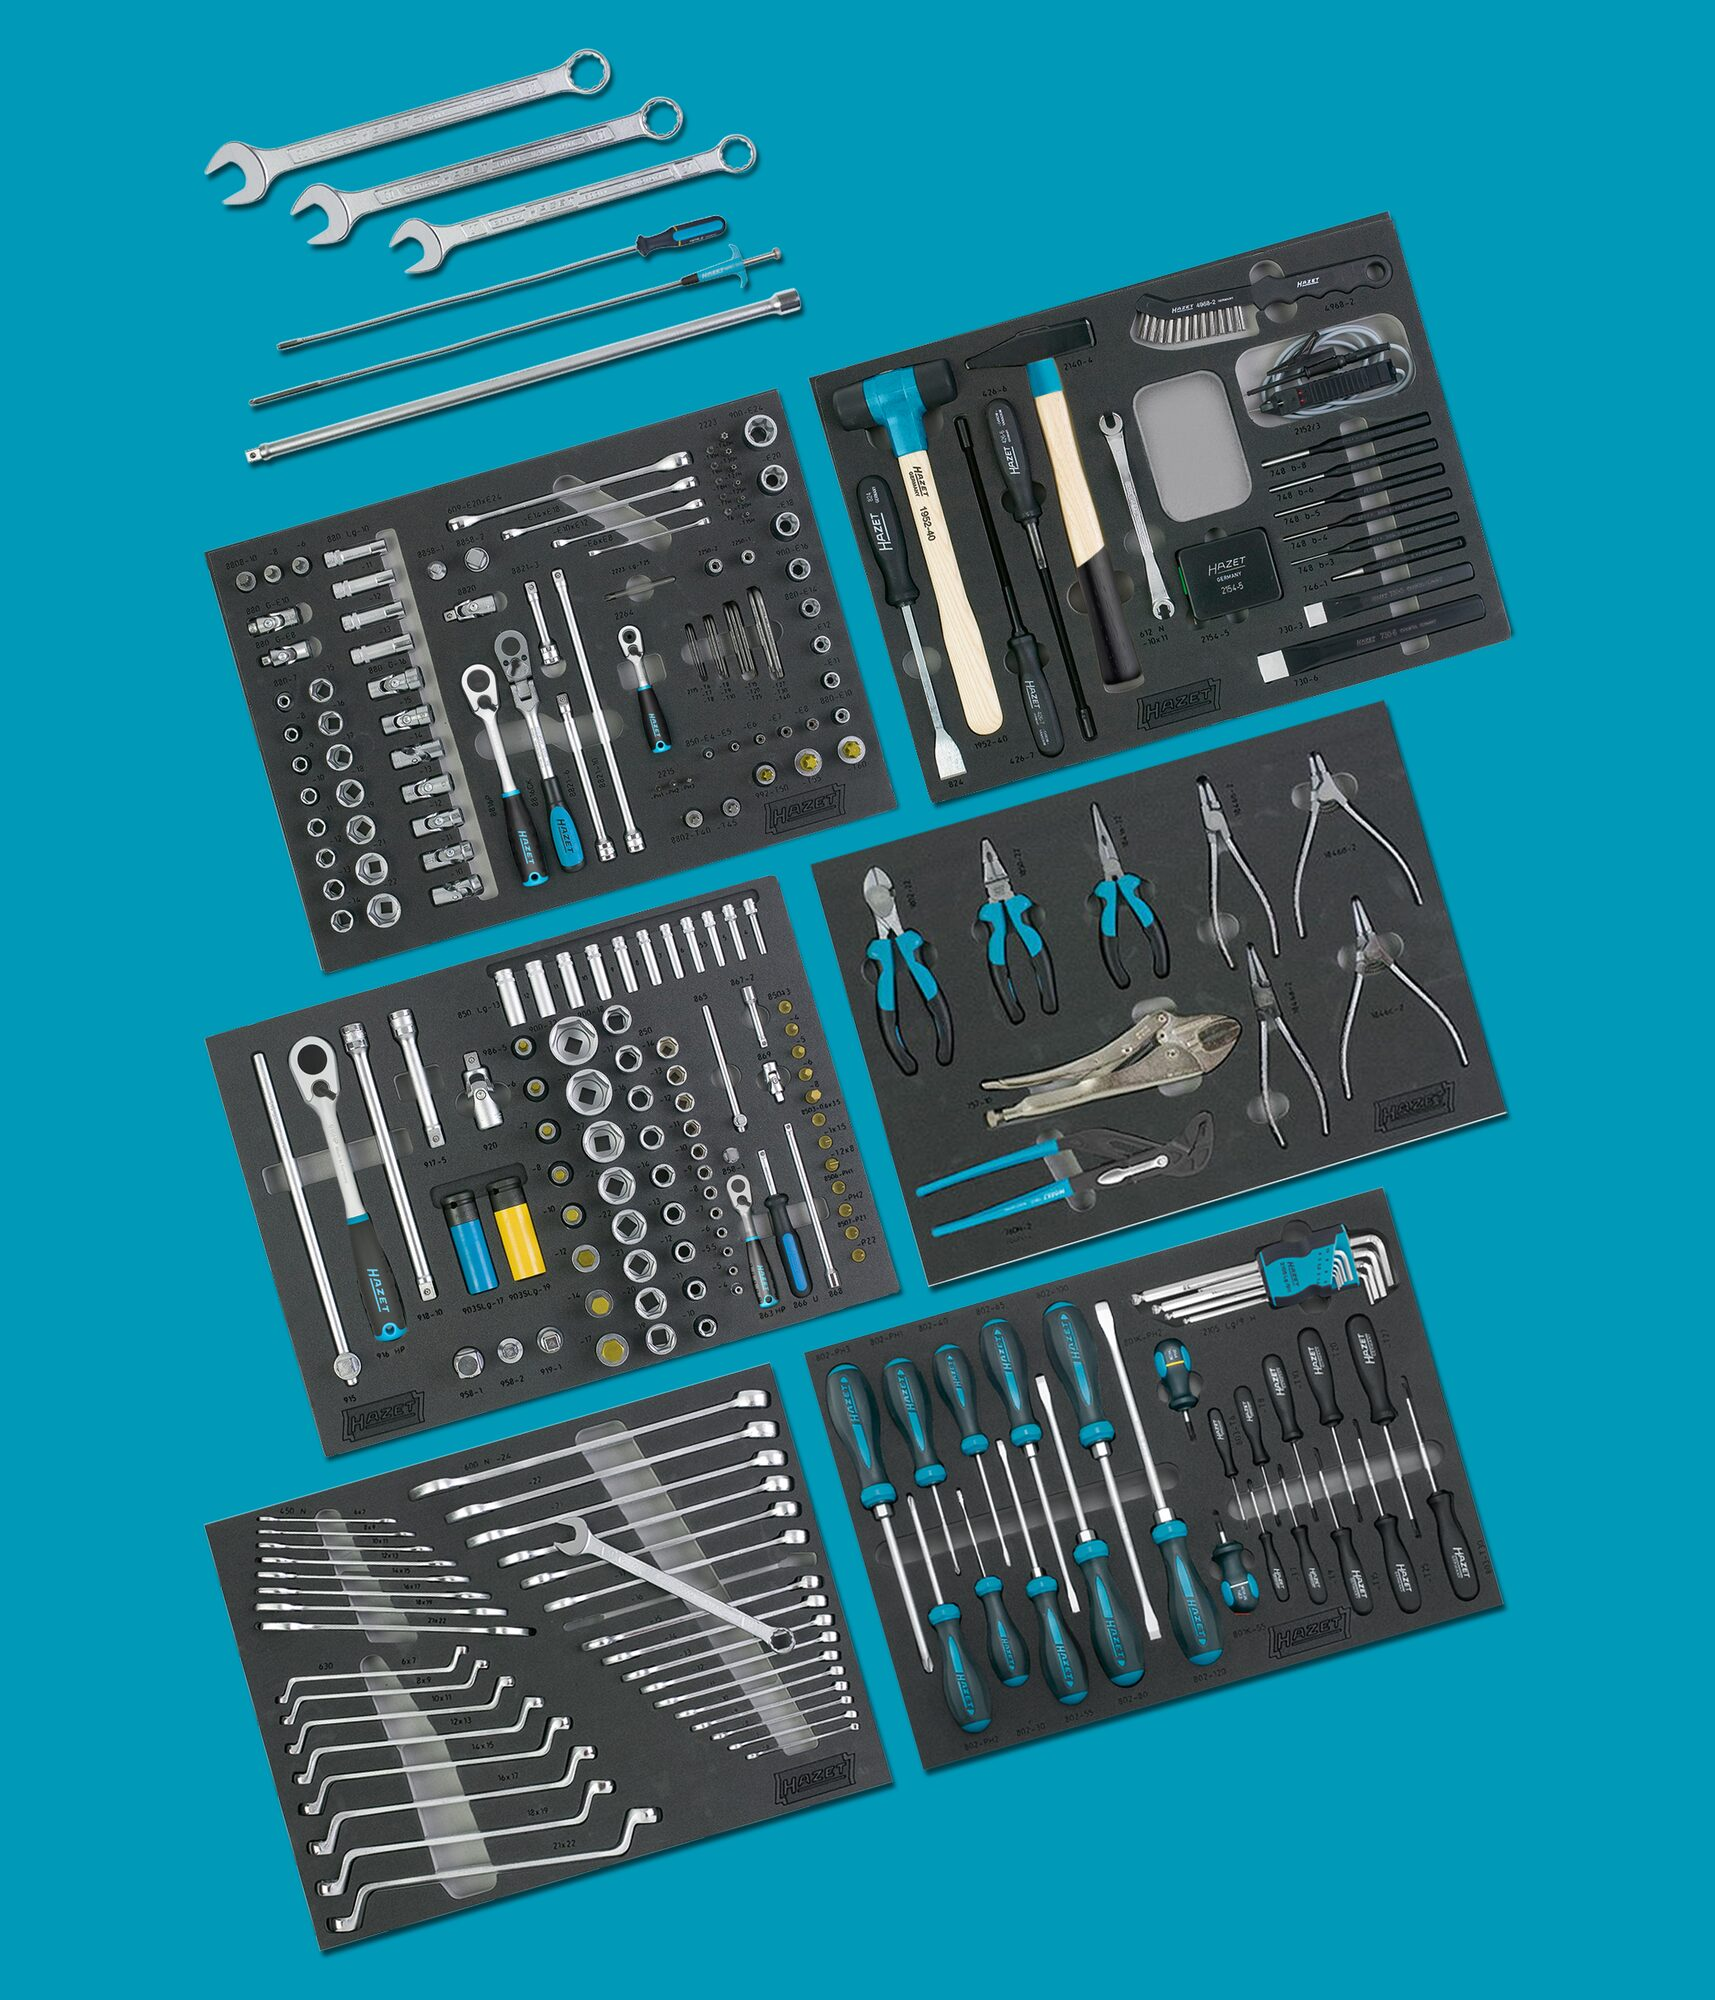 HAZET Werkzeug Sortiment in Weichschaumeinlage 0-2900-163/264-BMW ∙ Anzahl Werkzeuge: 264